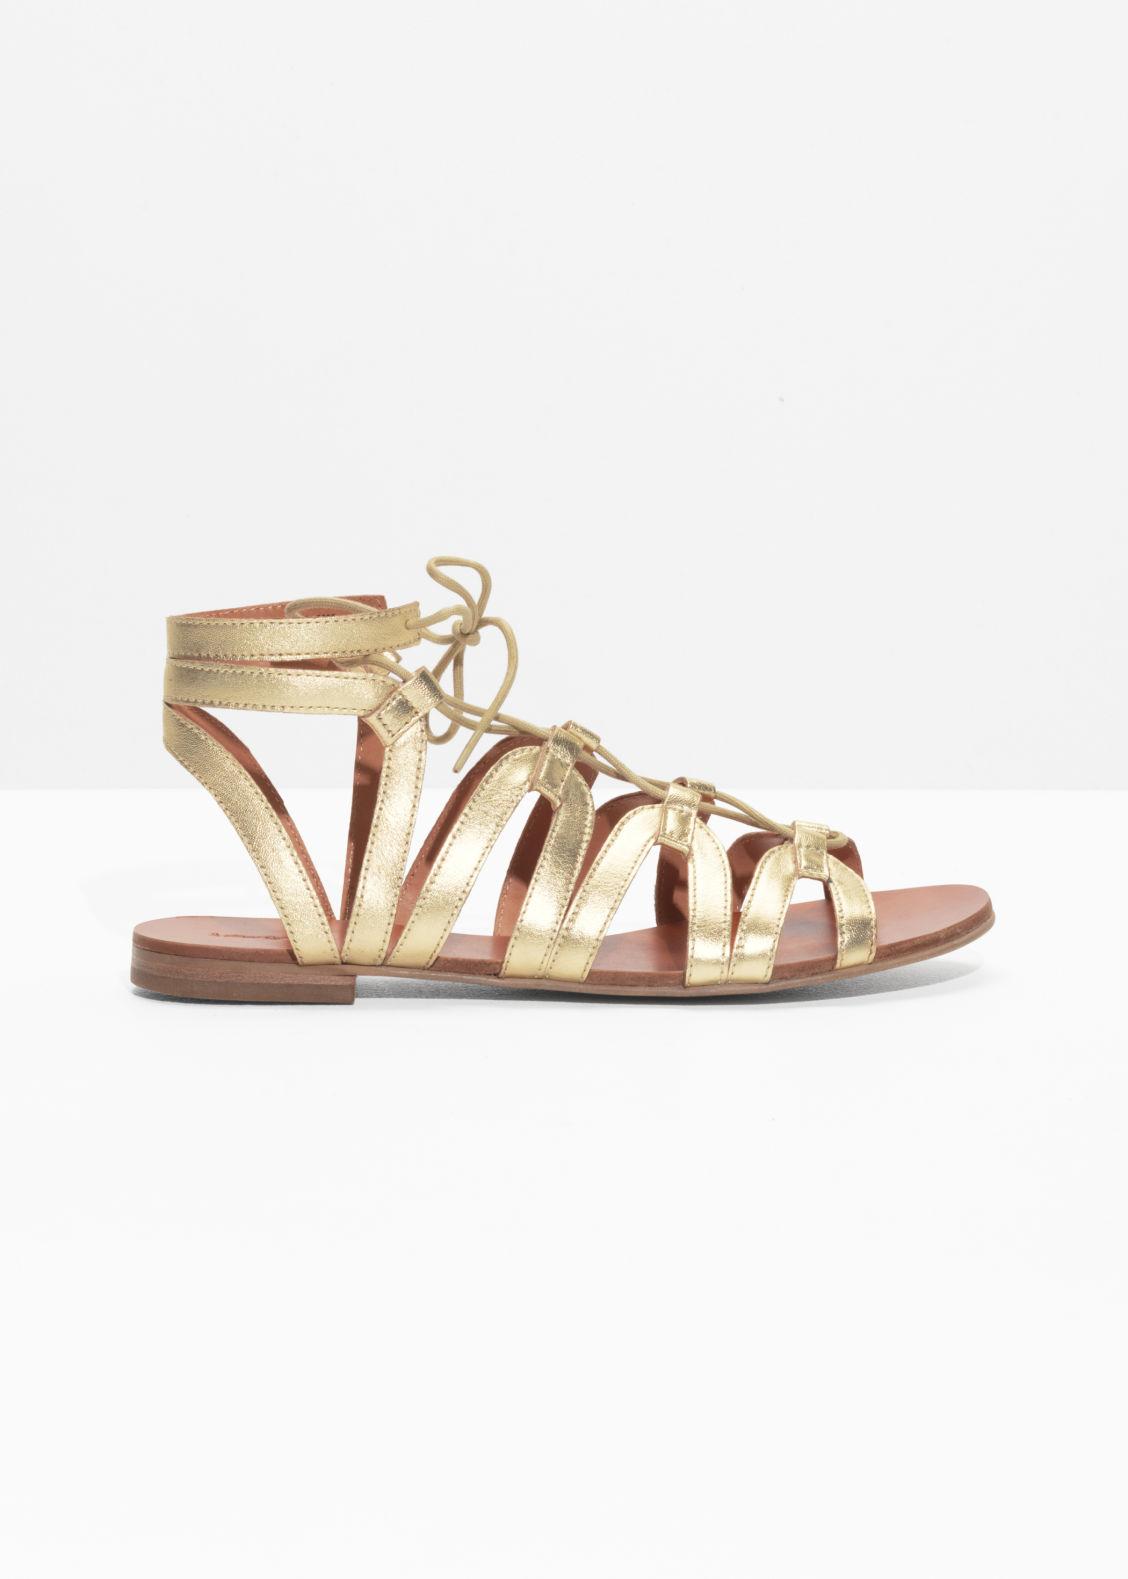 & OTHER STORIES Lacing Sandals - Gold Venta de Outlet en línea V8UDh